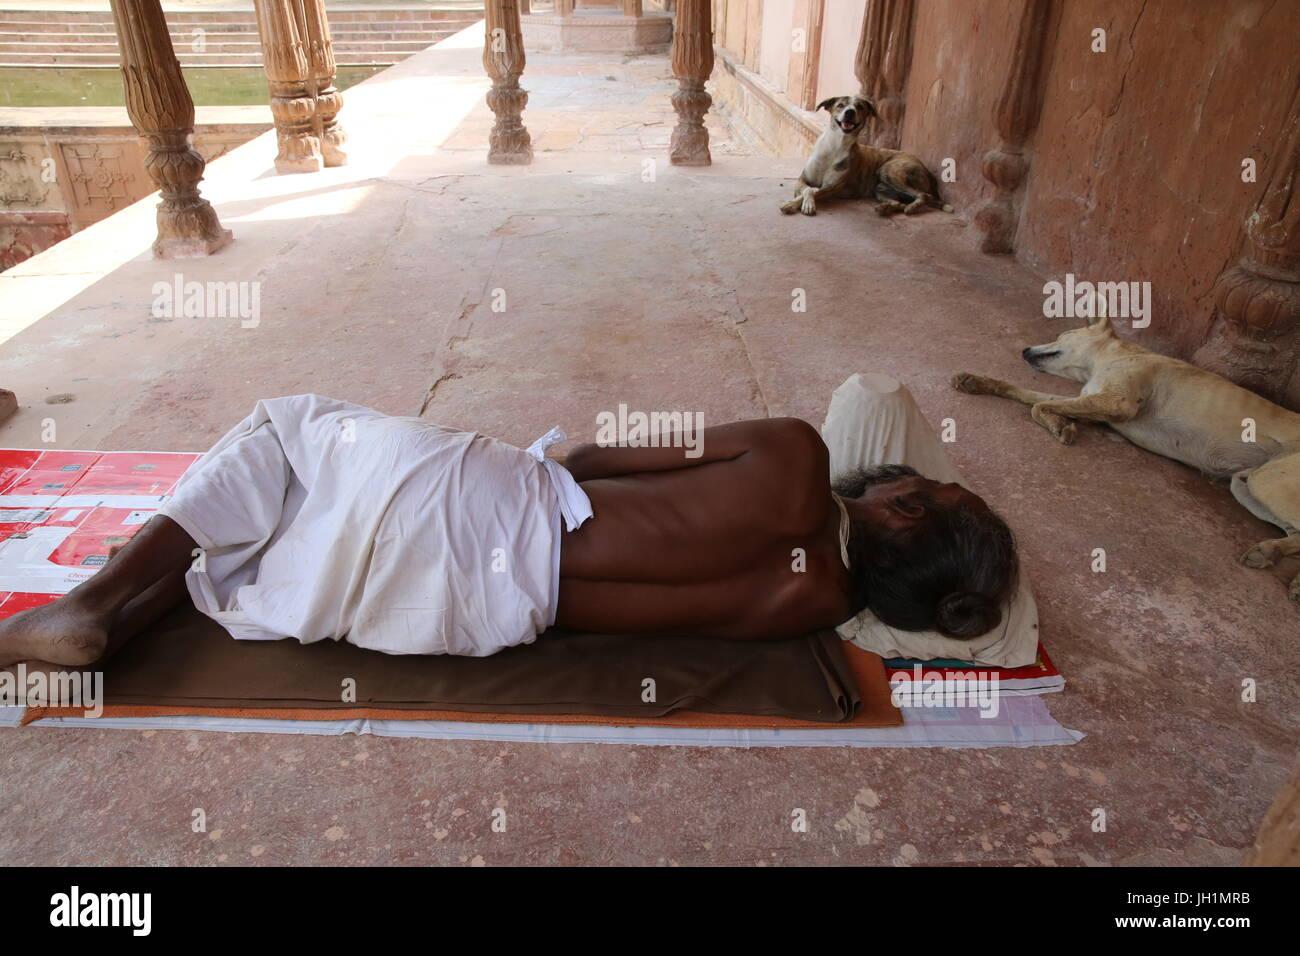 Sadhu sleeping in Kusum Sarovar. India. - Stock Image